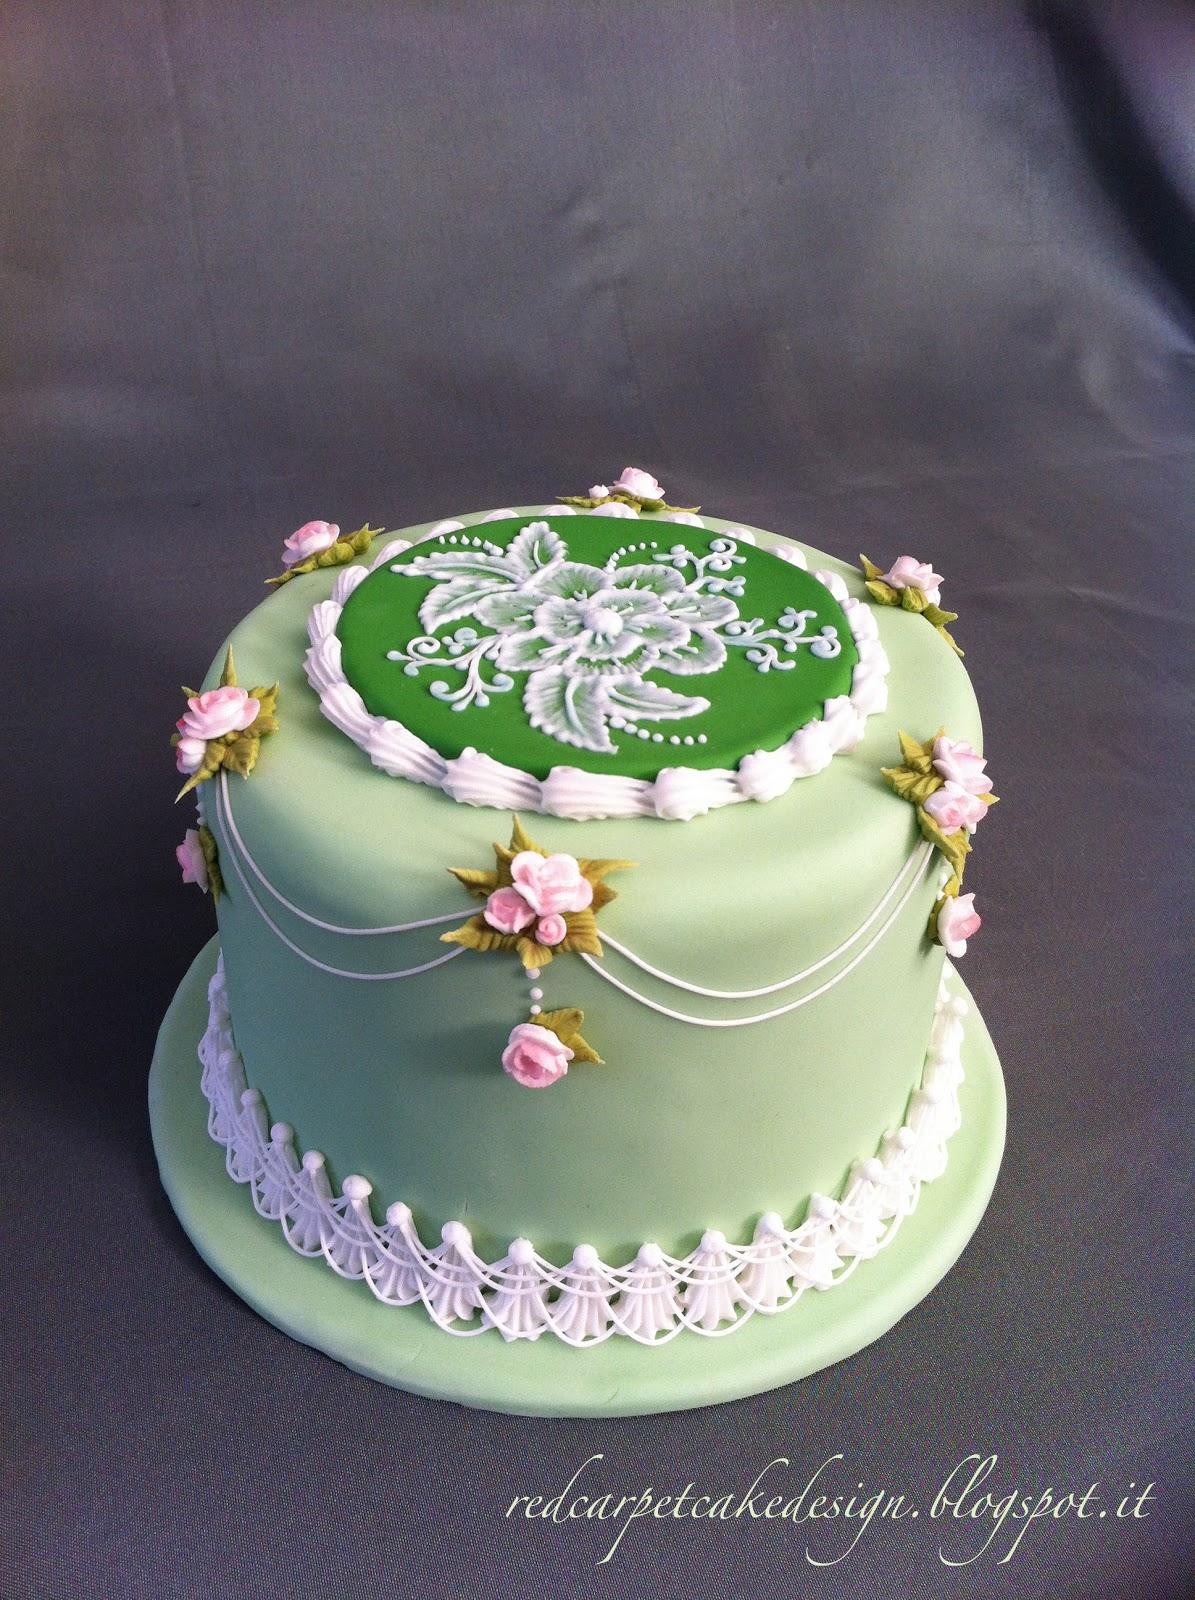 Cake Design Genova Corsi : CORSI DI CAKE DESIGN PRIMAVERA/ESTATE 2013- by Red Carpet ...